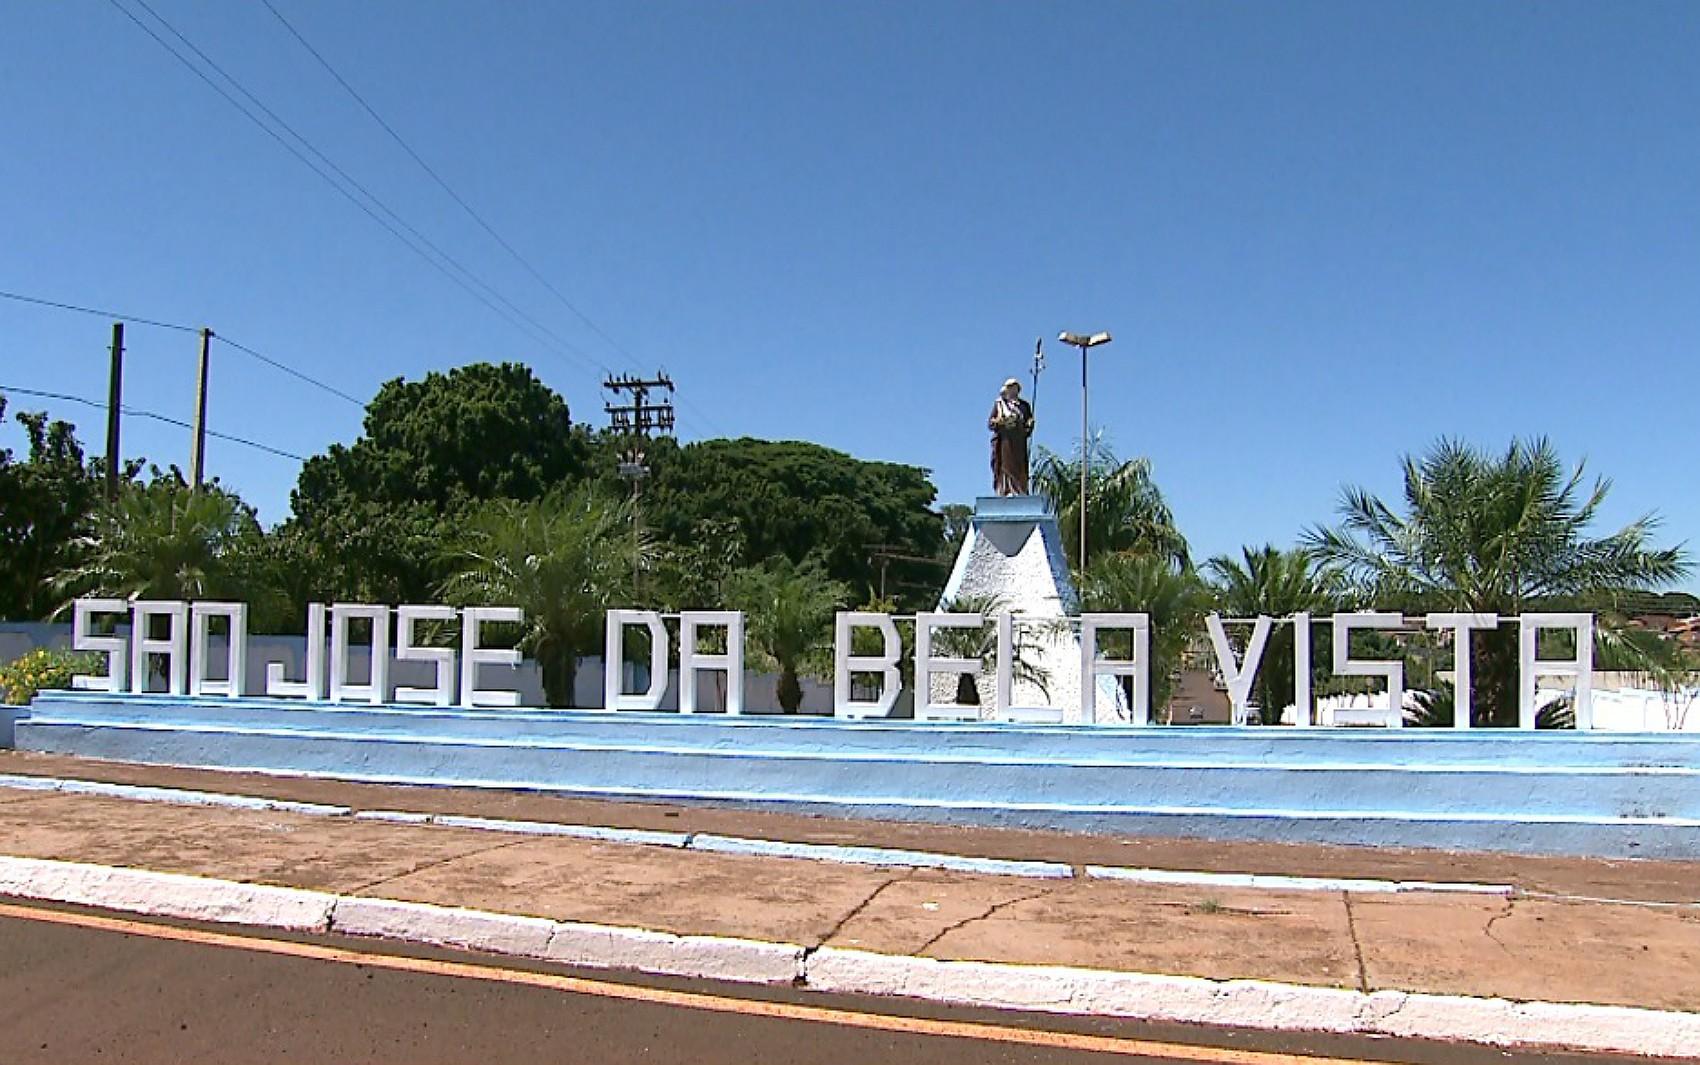 Candidatos a prefeito de São José da Bela Vista, SP, têm menos de 15 dias para campanha eleitoral